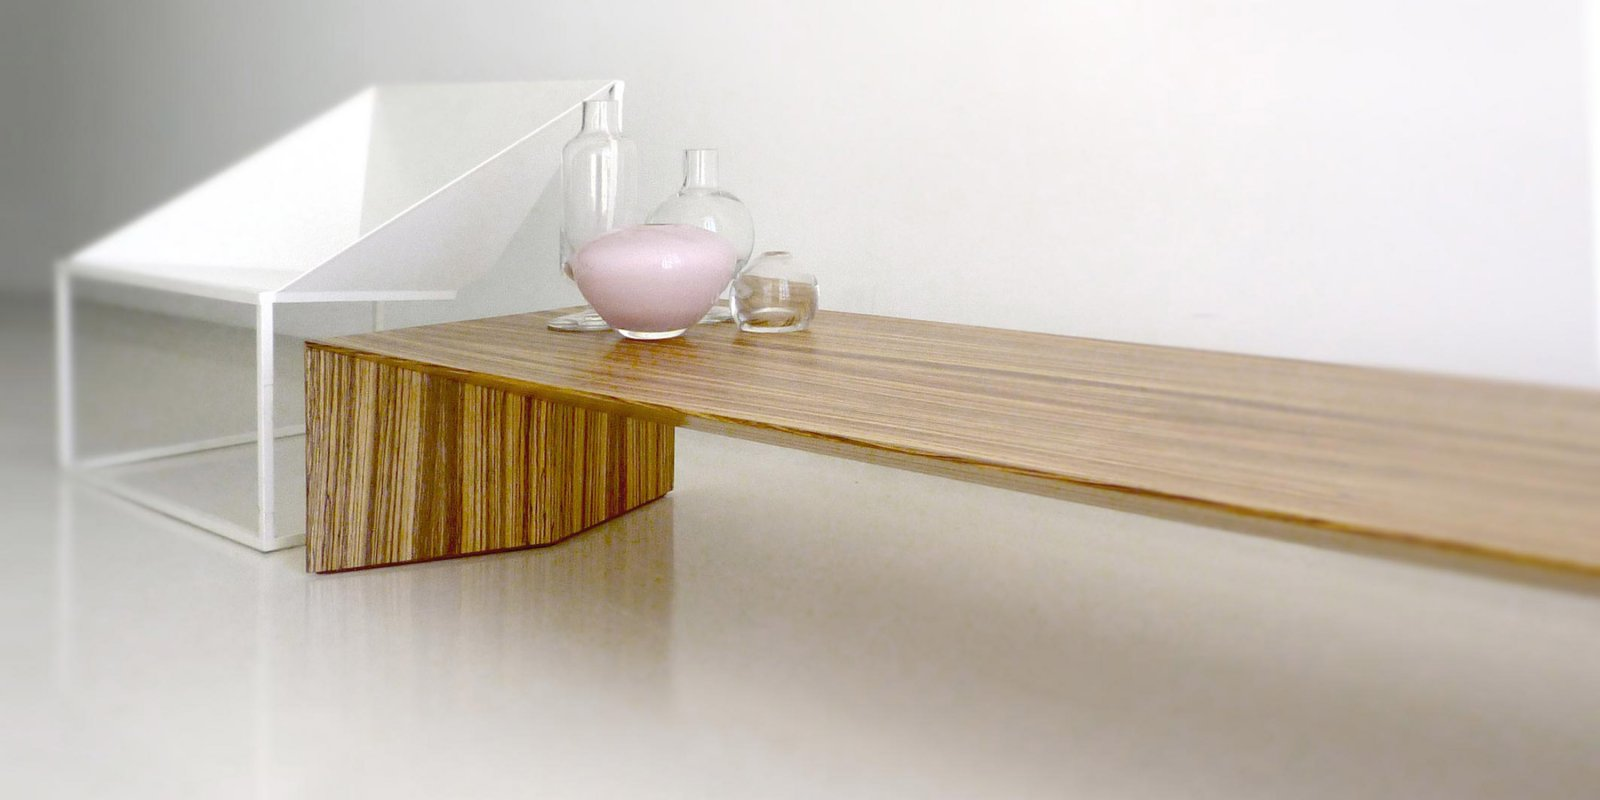 Im genes de los muebles y accesorios de branca lisboa - Muebles para el hogar ...